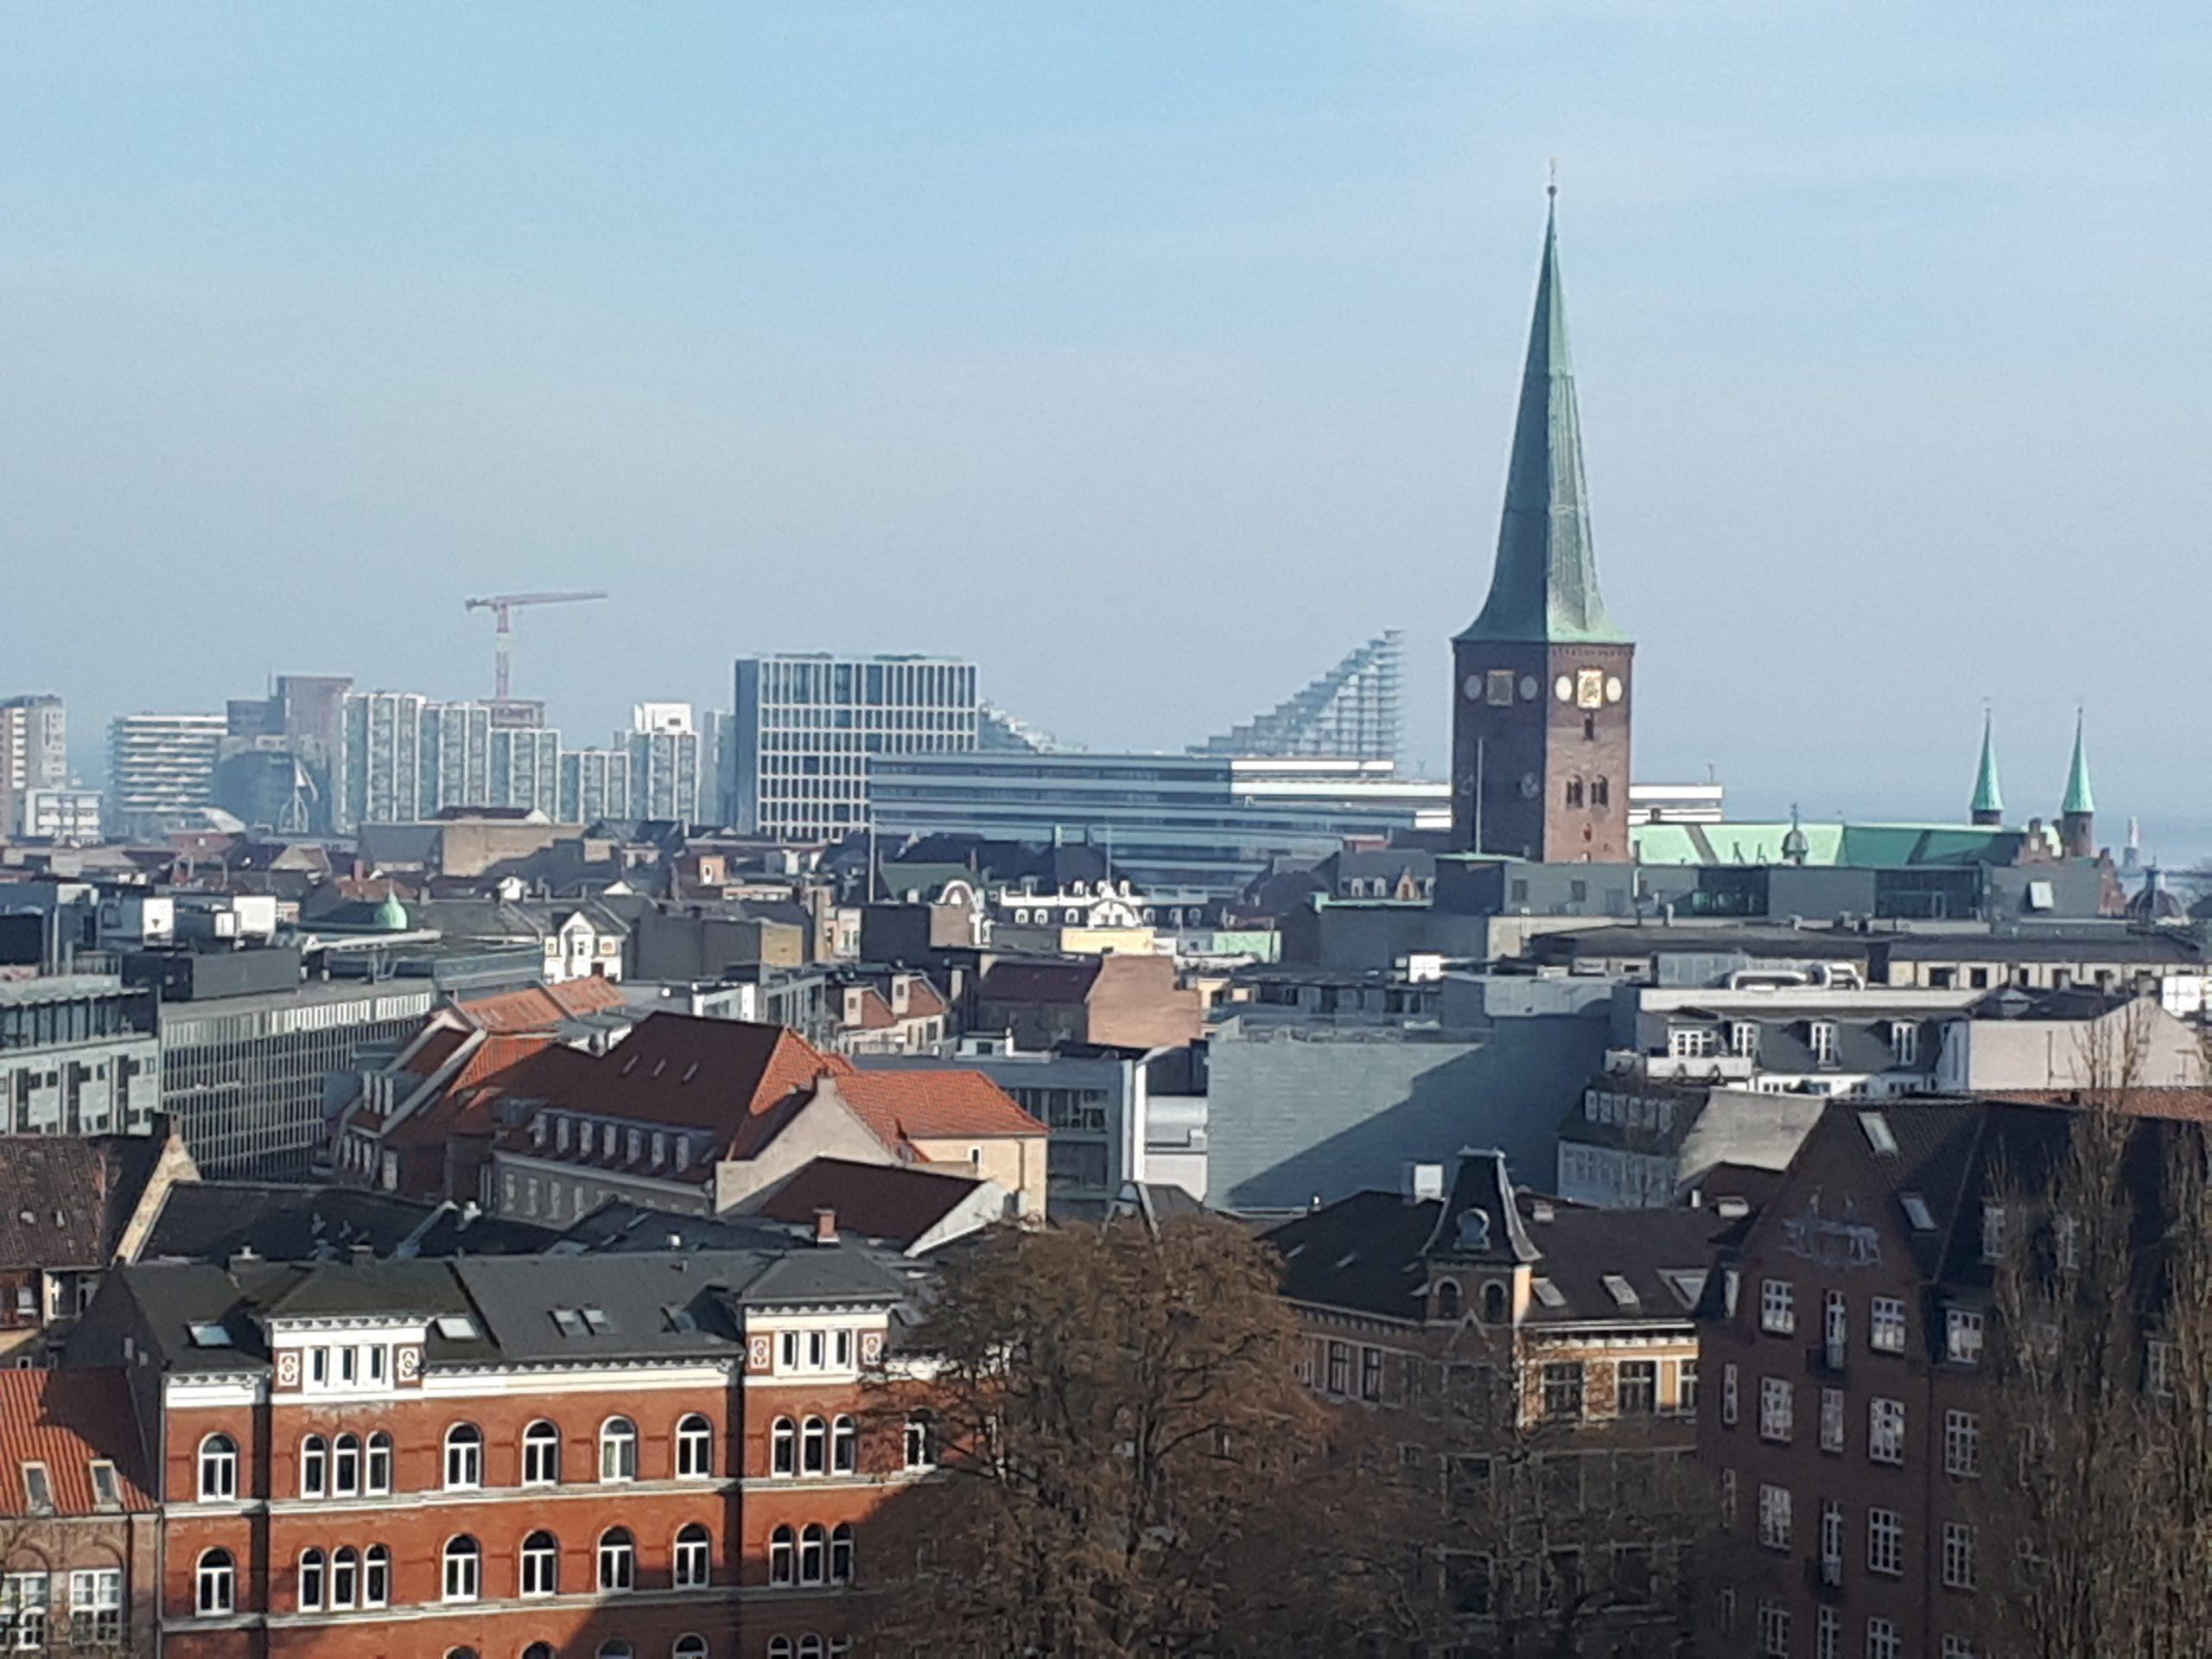 Aarhus stod ligesom København også for at få overnatningsforbud fra udenlandske turister, men Aarhus blev i sidste øjeblik pillet af listen. Arkivfoto fra Aarhus: Henrik Baumgarten.